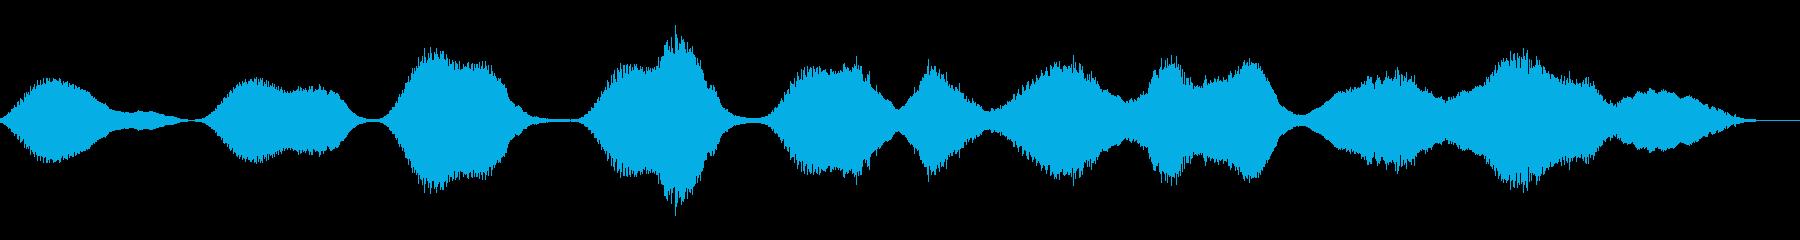 しのびよる恐怖の音の再生済みの波形